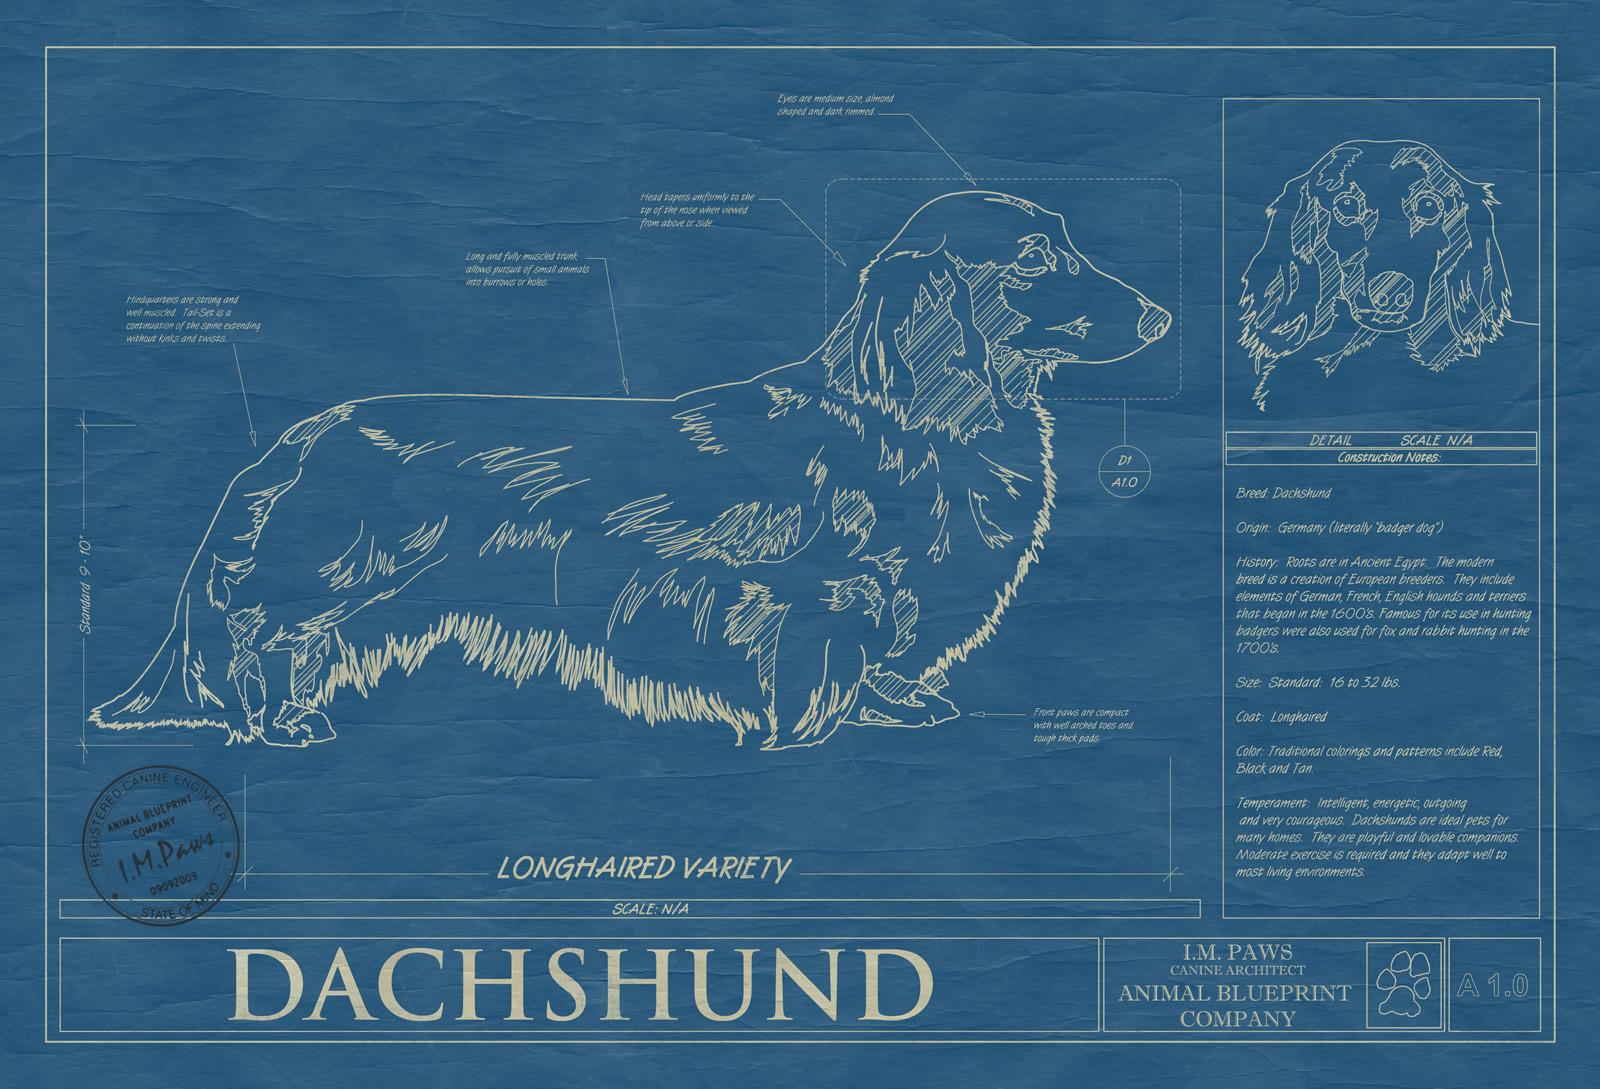 Dachshund longhair animal blueprint company dachsund longhaired dog blueprint malvernweather Gallery